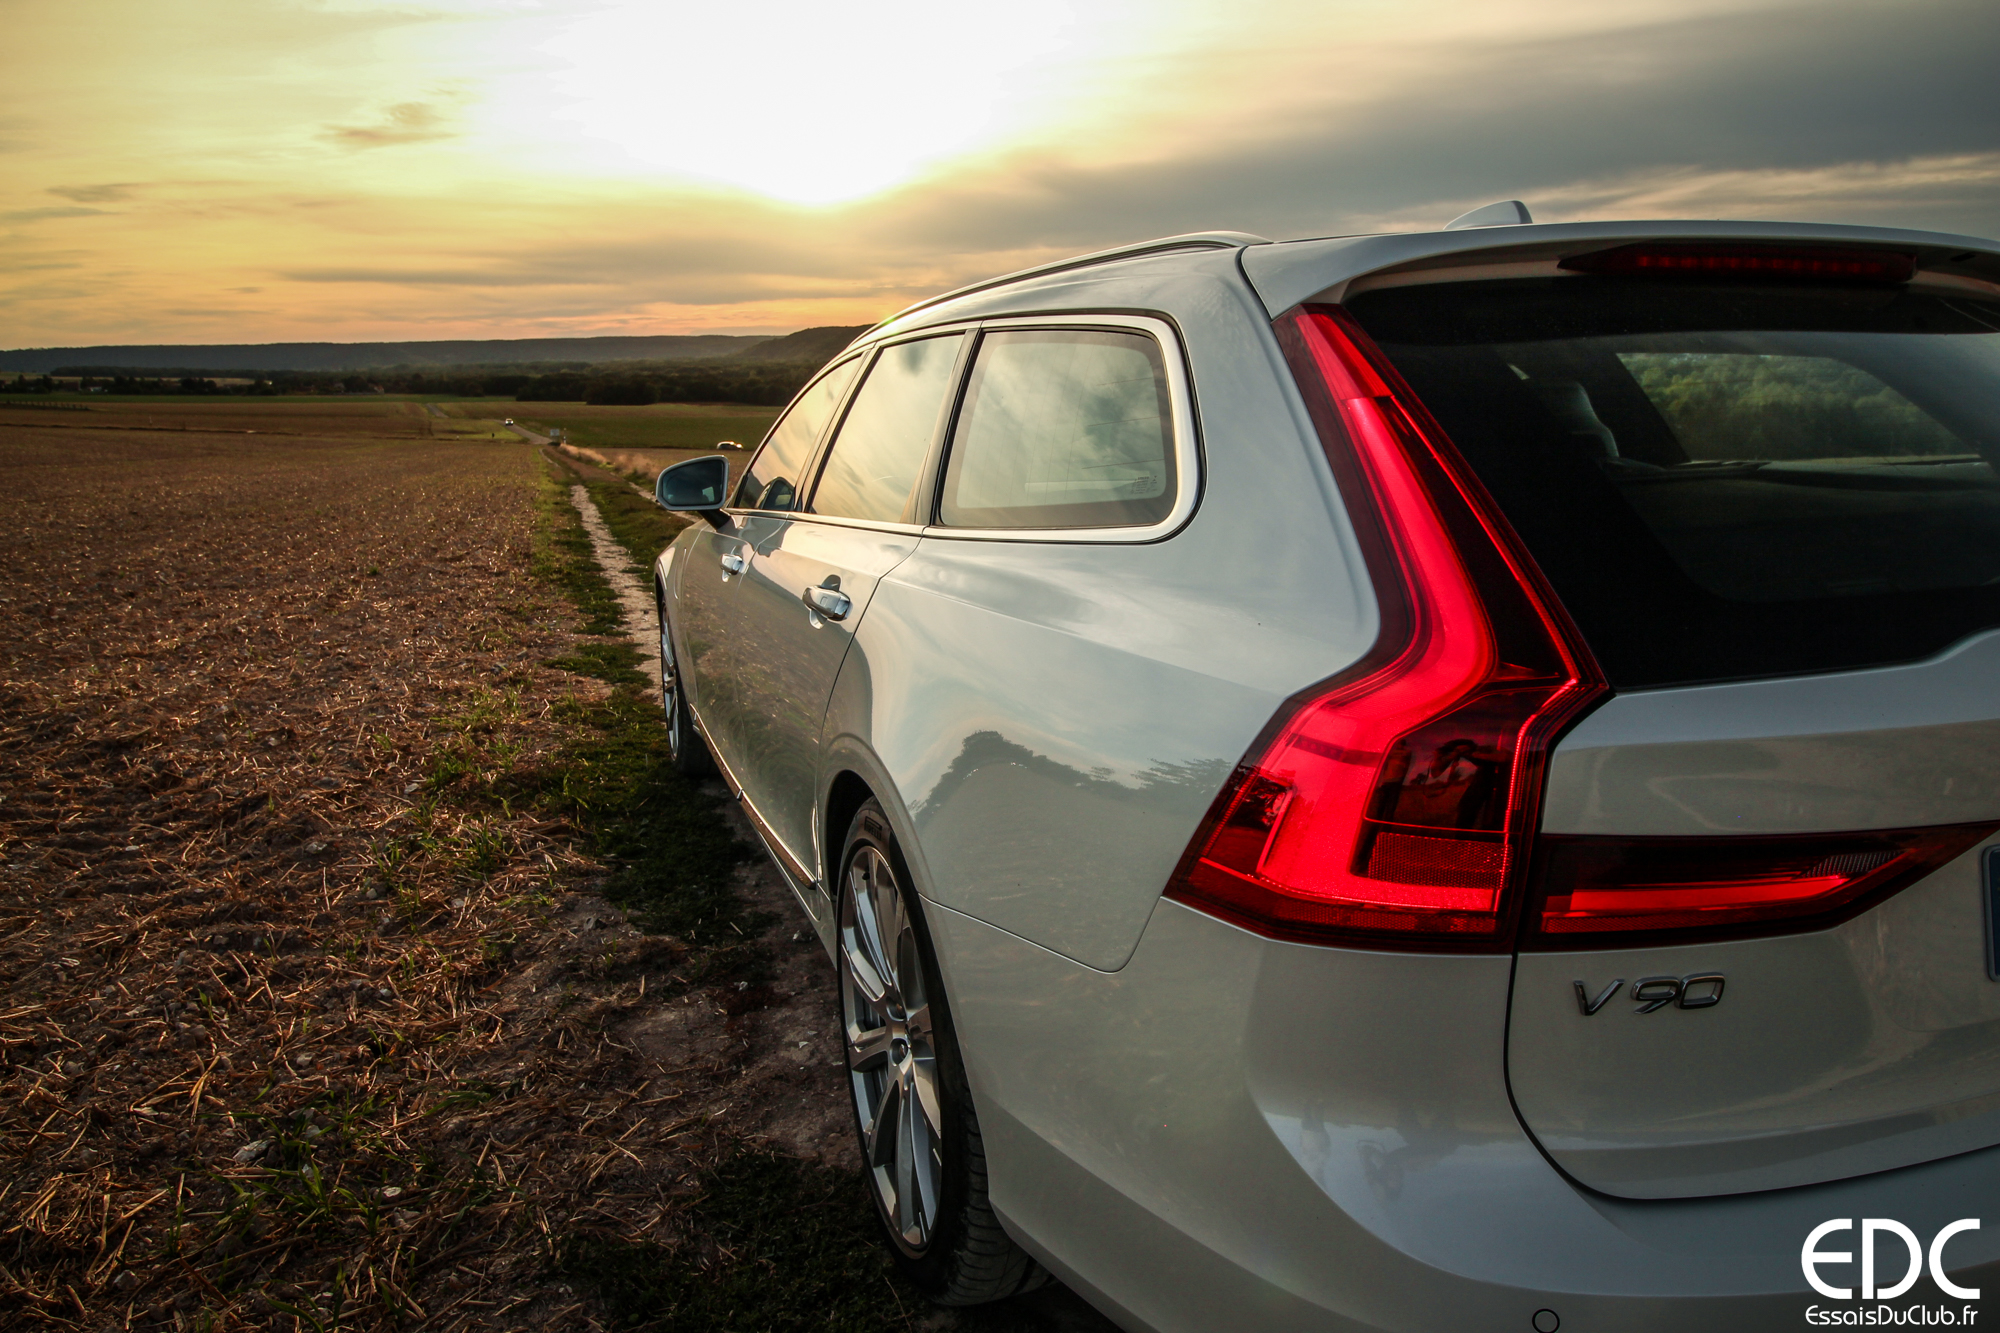 Volvo V90 tailgate